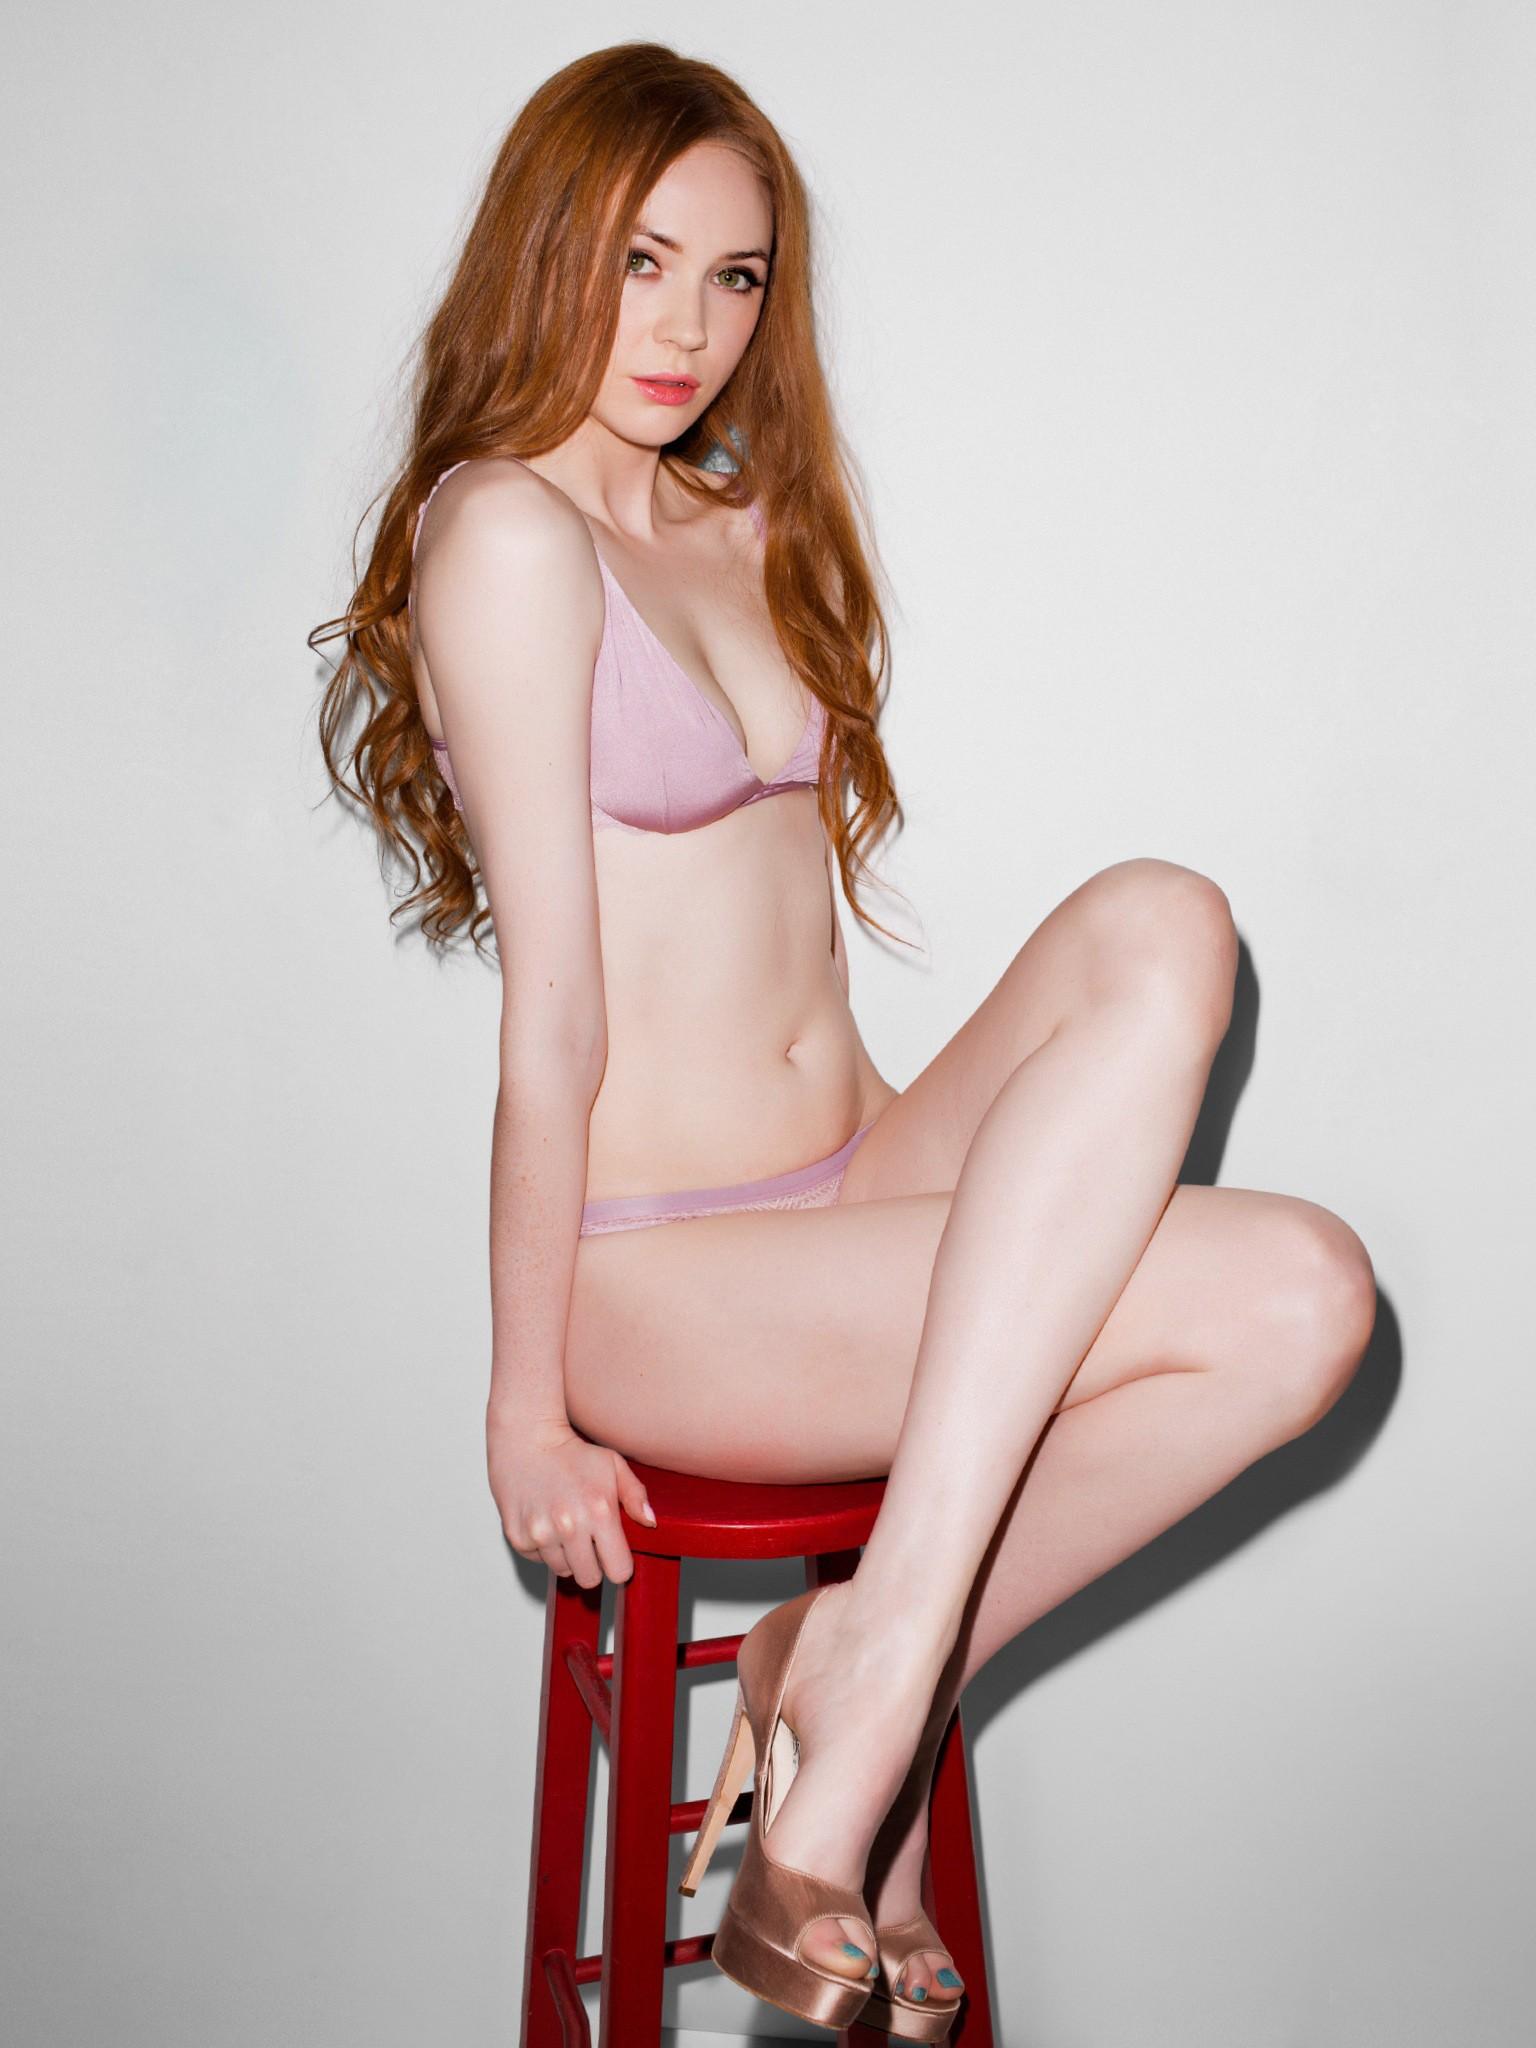 Karen Gillan boobs show